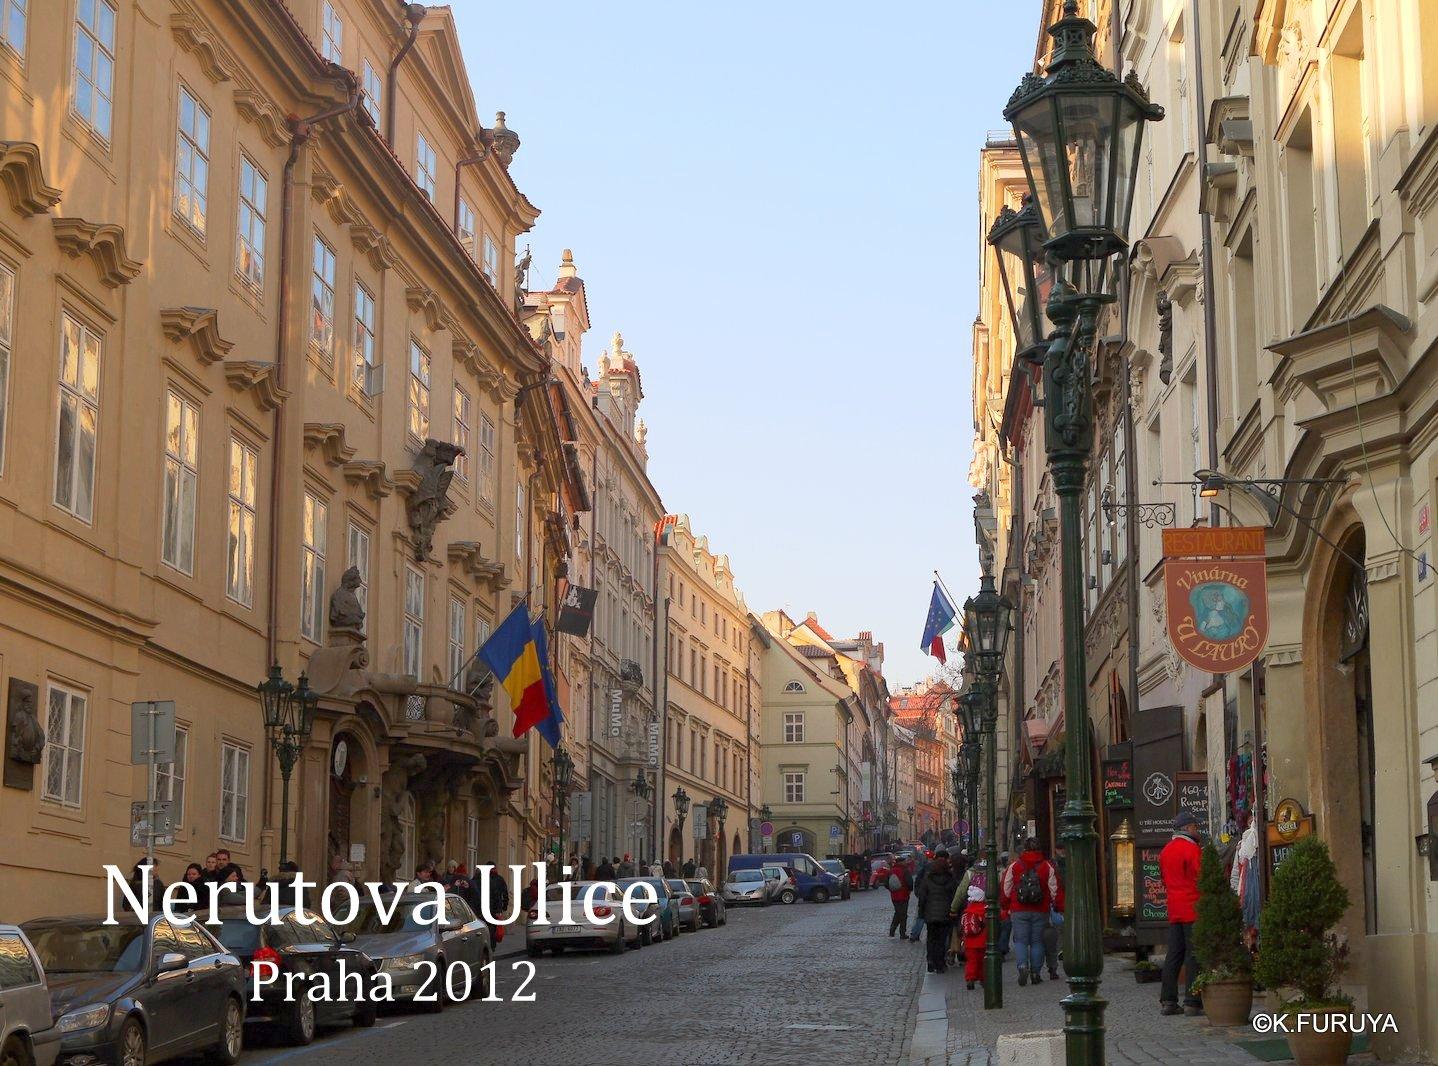 プラハ 11   ネルドヴァ通り _a0092659_18595028.jpg